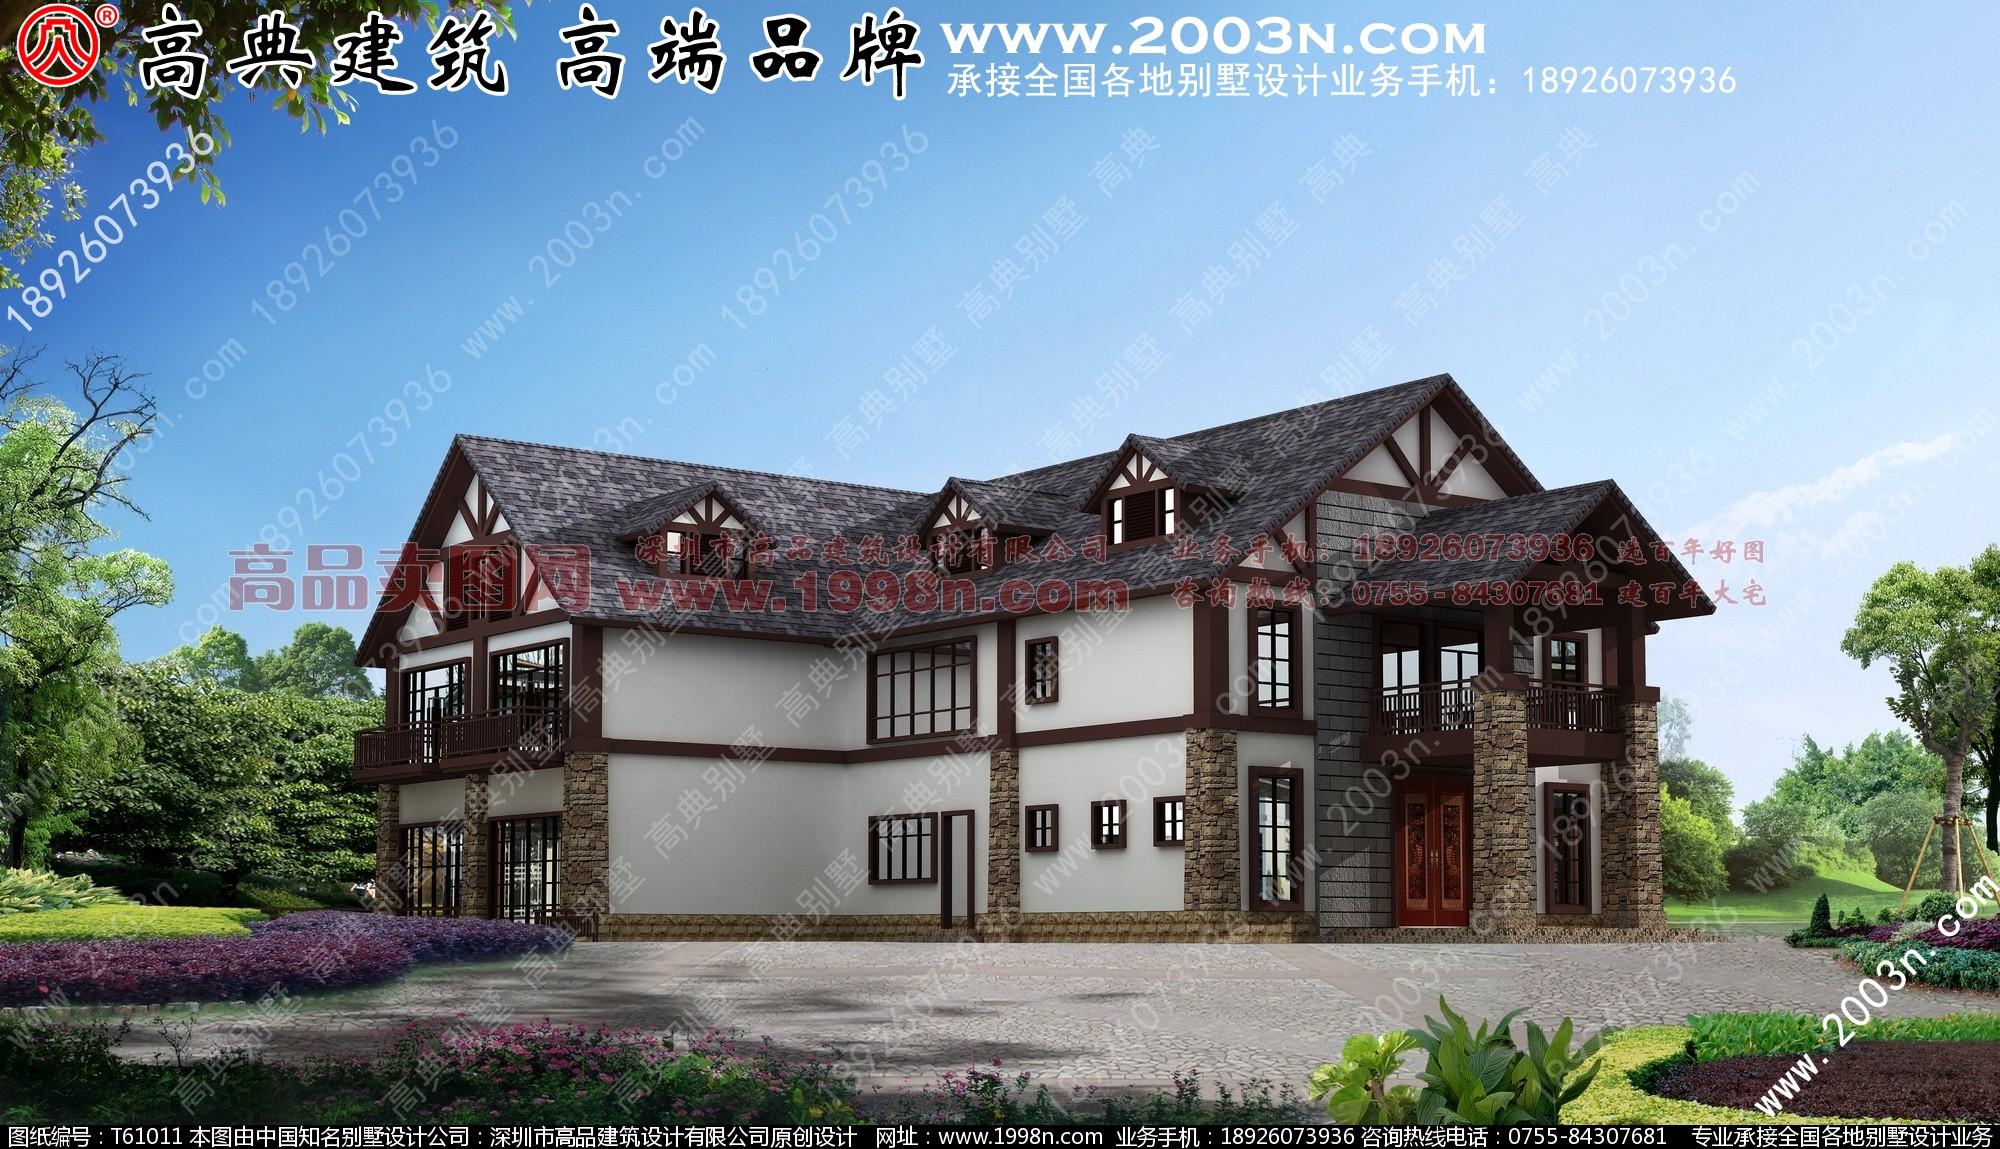 欧联农村房屋设计图农村房子20万以下图片别墅外观